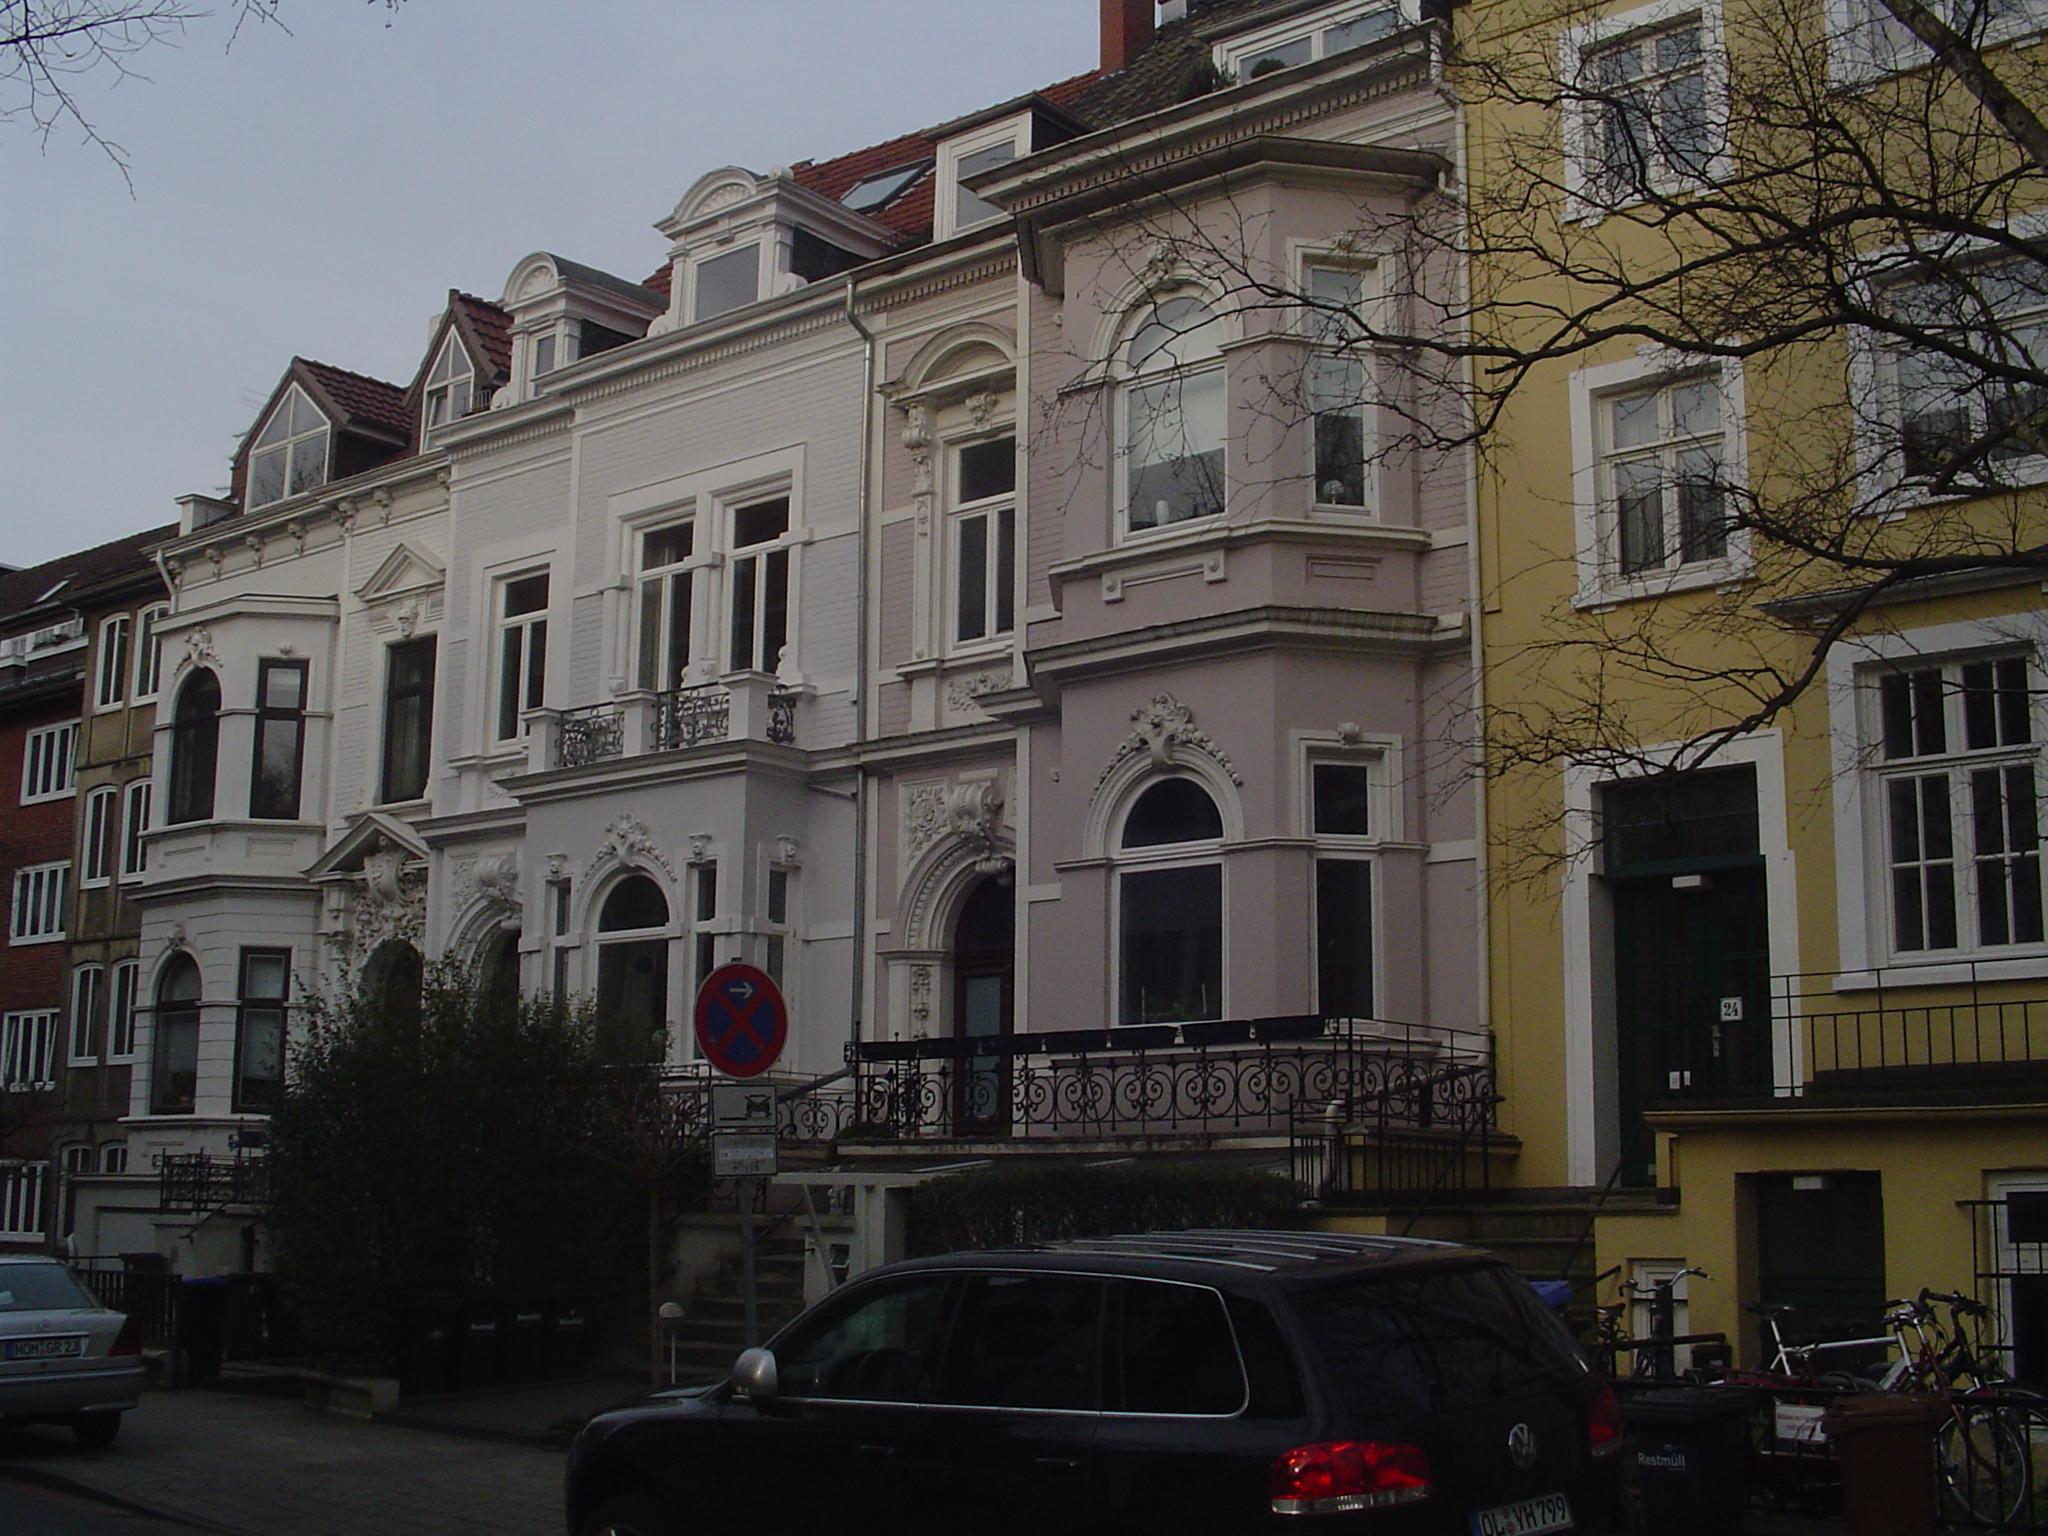 BERGFEX: Szállások Bréma: Szállodák Bréma - Szabadidő-lakások - Bréma - Németország